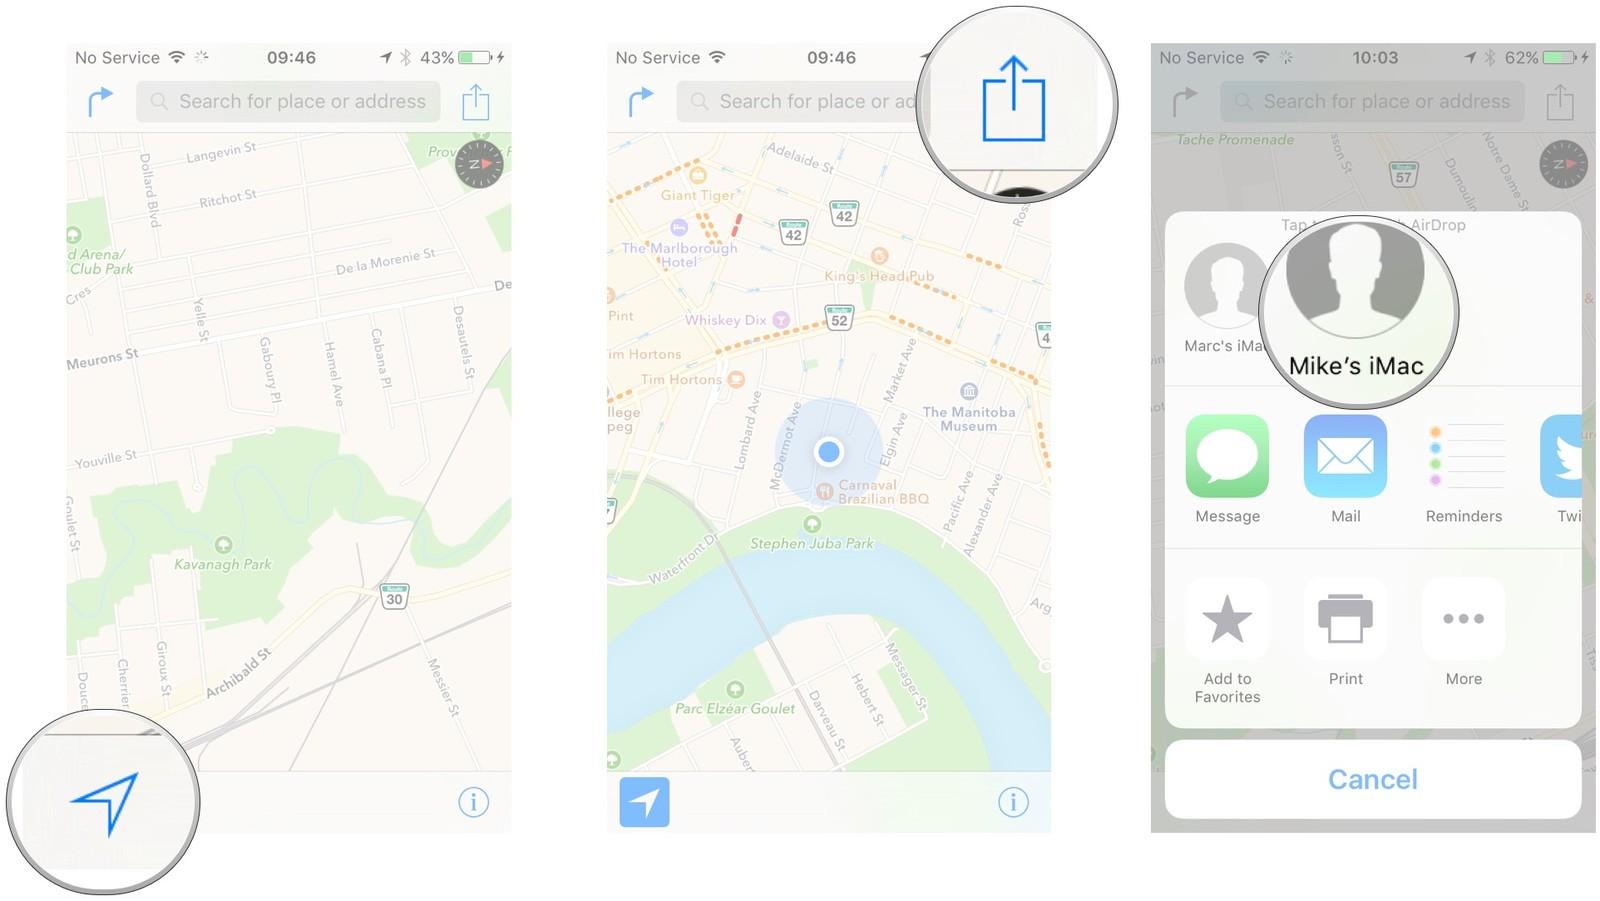 Как пользоваться Картами на iPhone и iPad - Поделиться местоположением с AirDrop